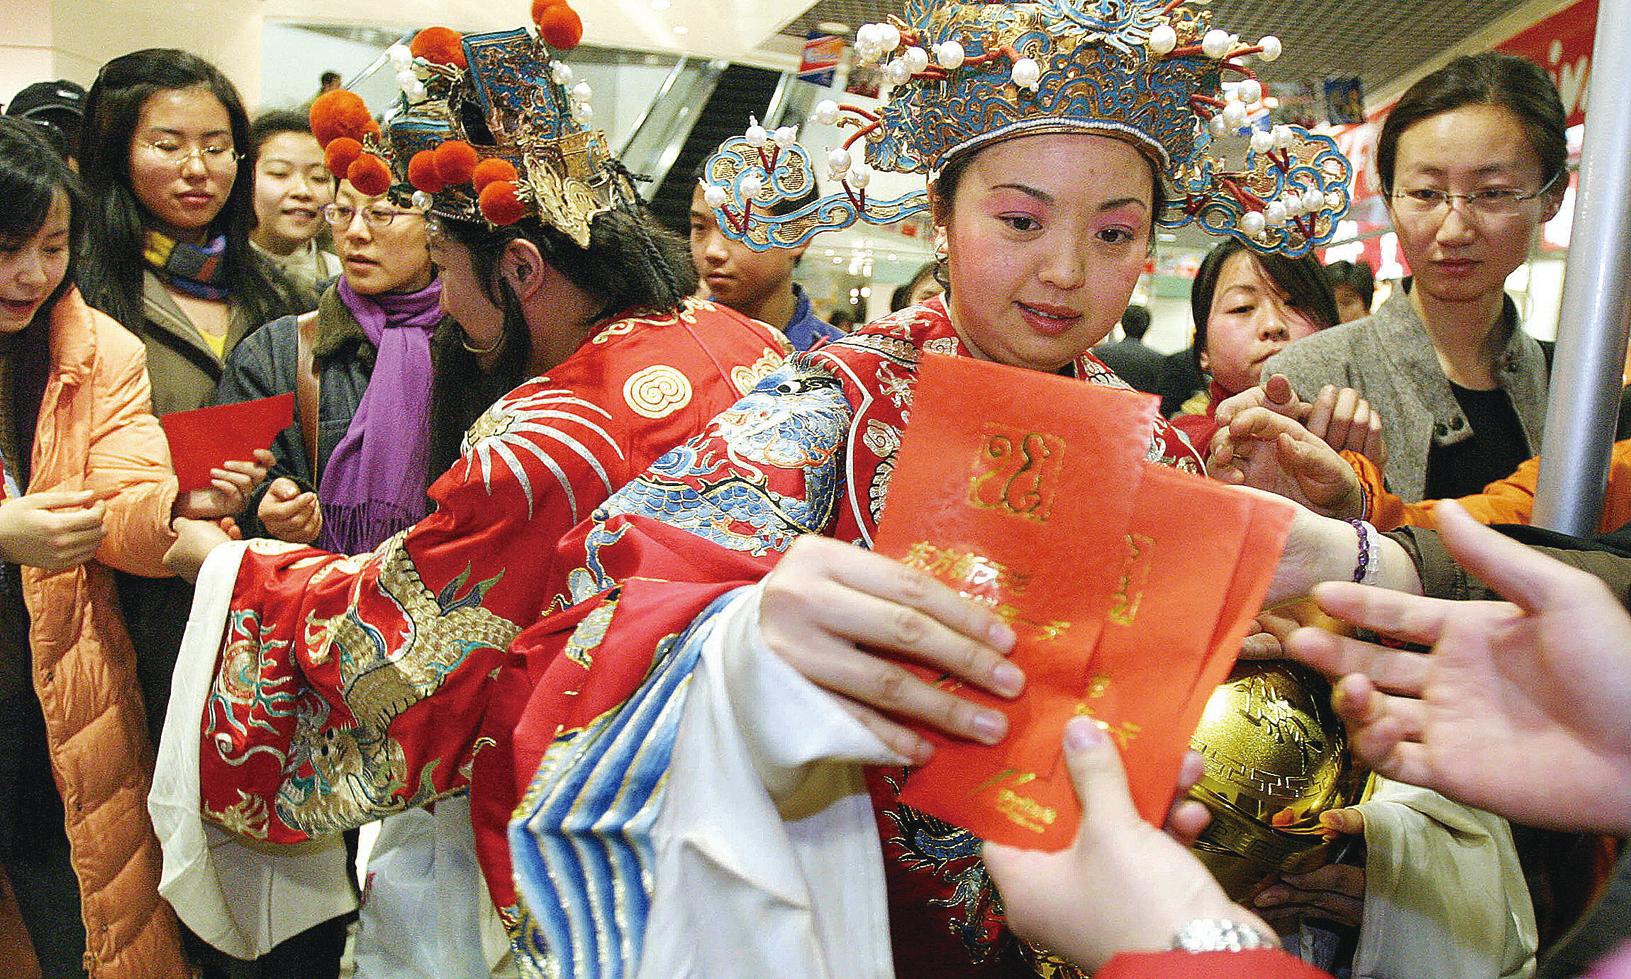 中國人在中國新年期間有發紅包的習俗,此外還需要現金購物和旅遊。(Getty Images)